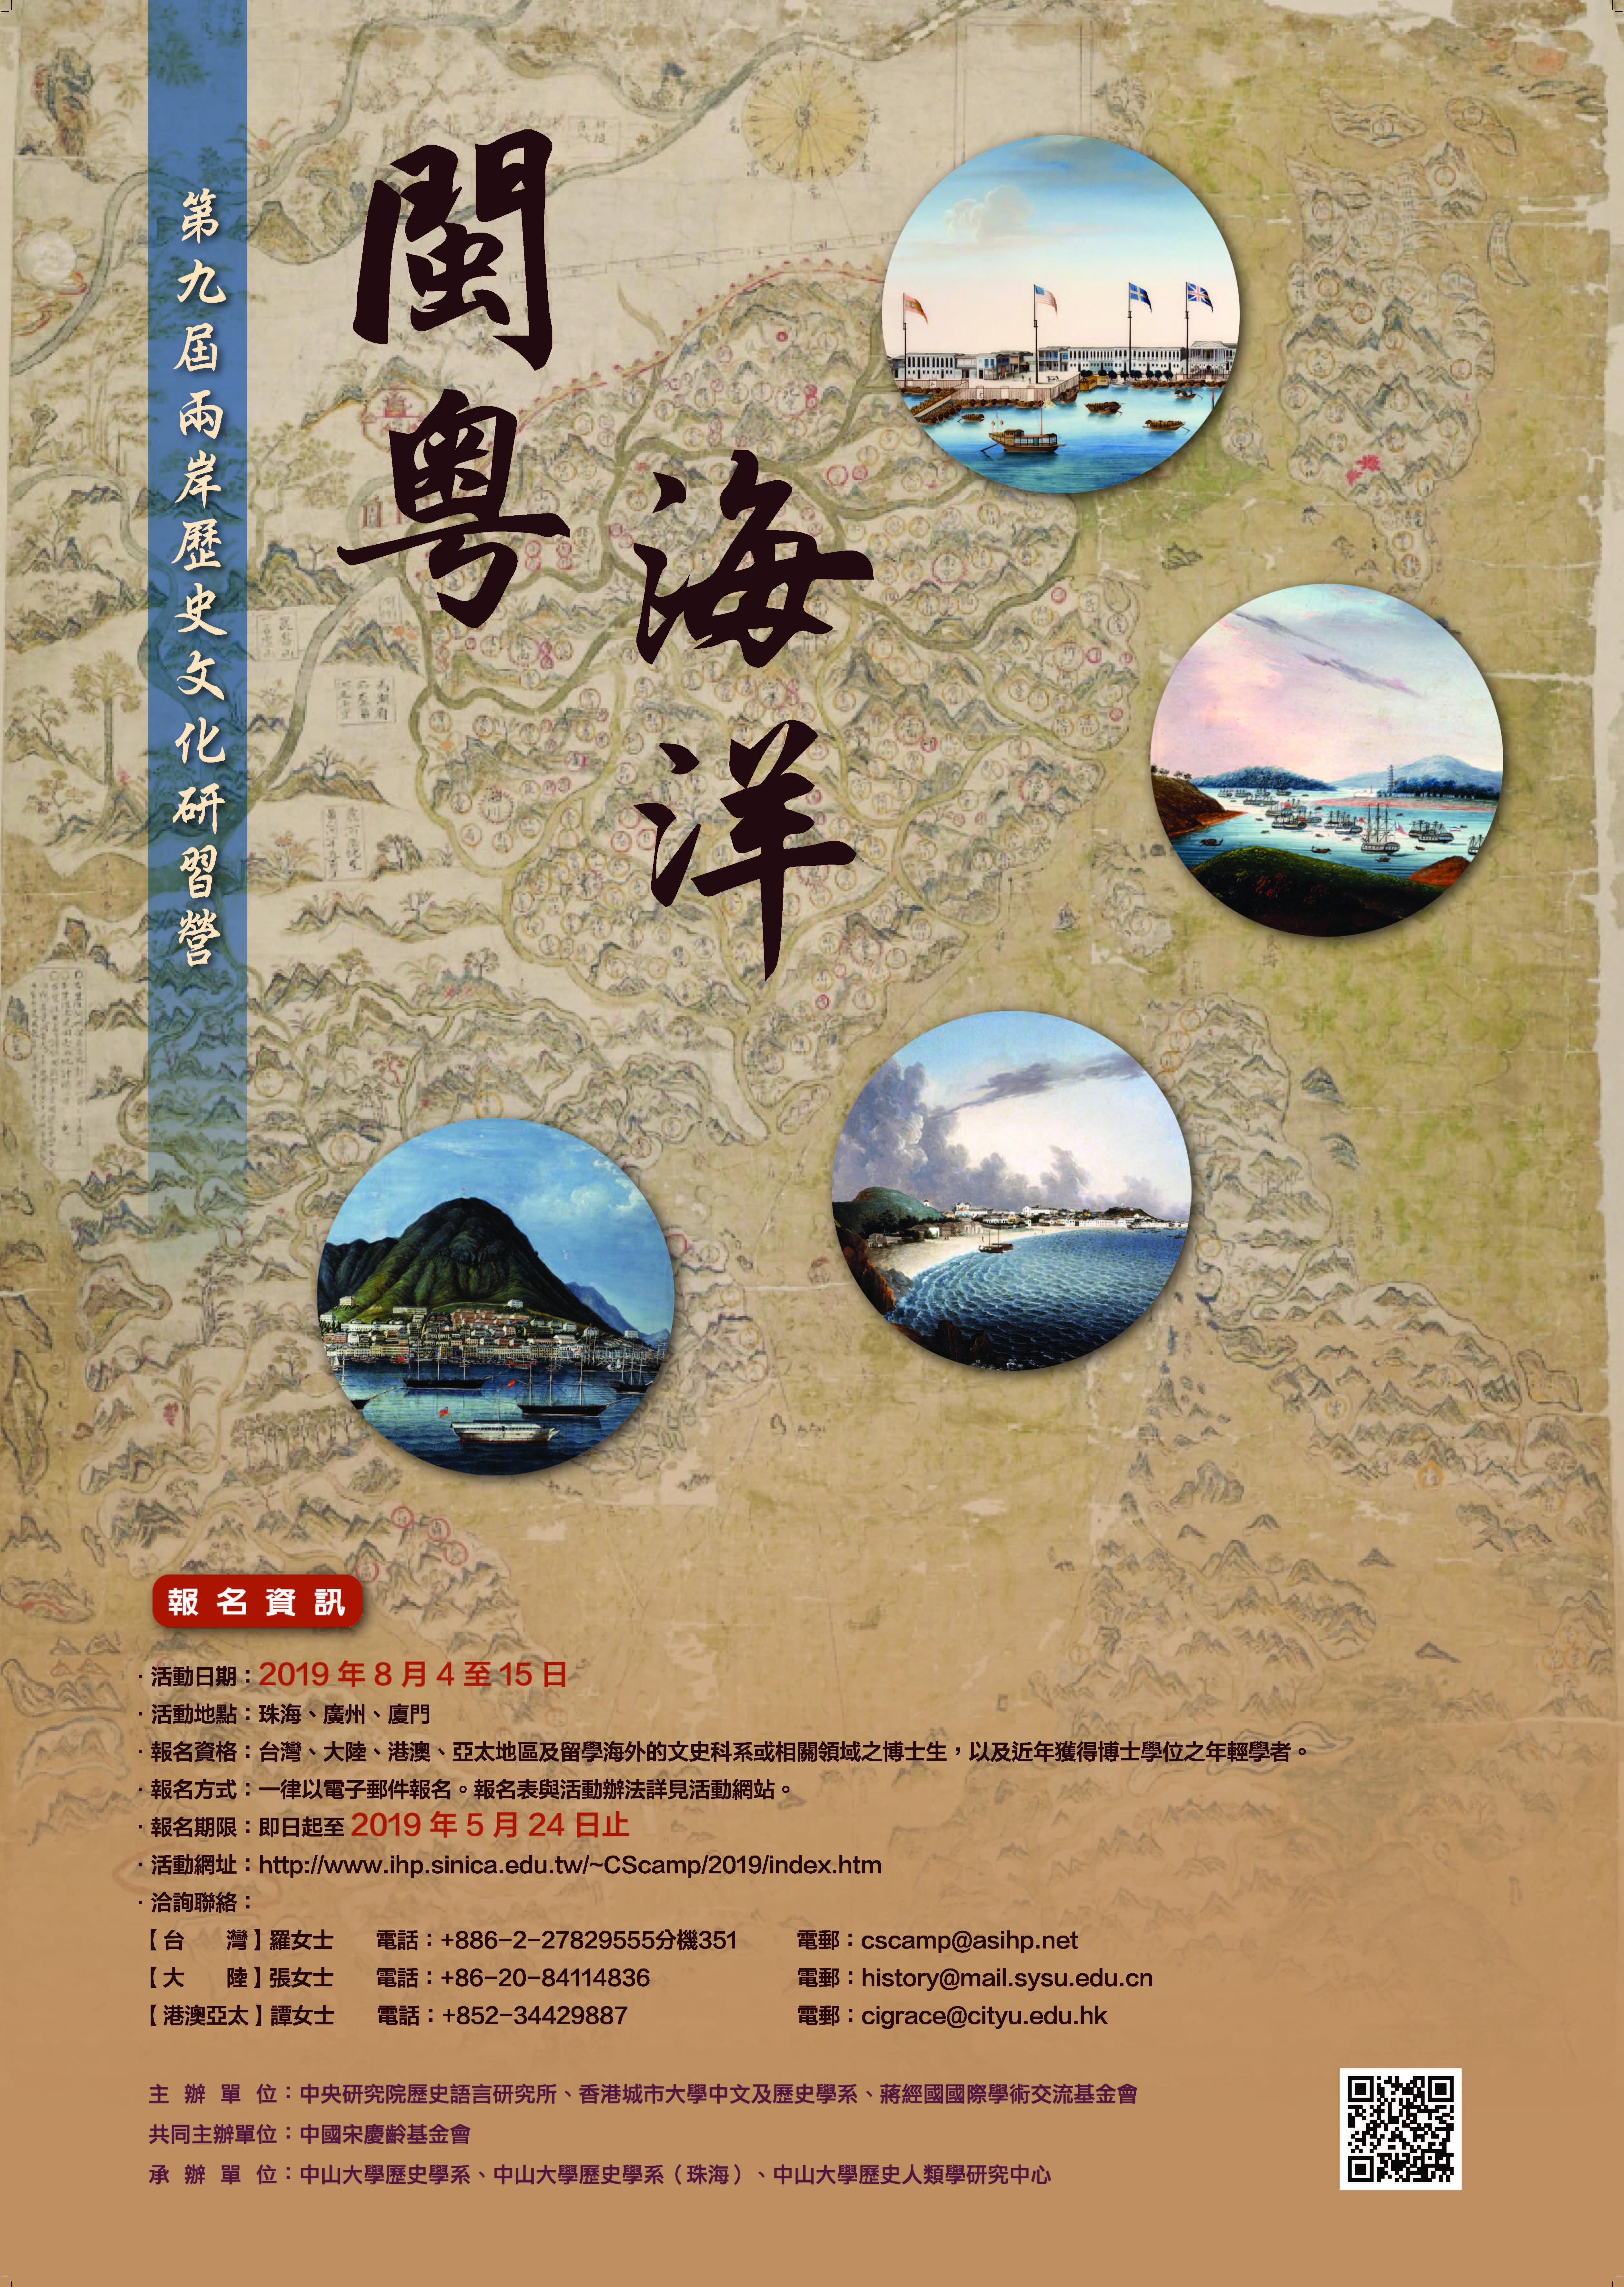 閩粵•海洋研習營海報檔